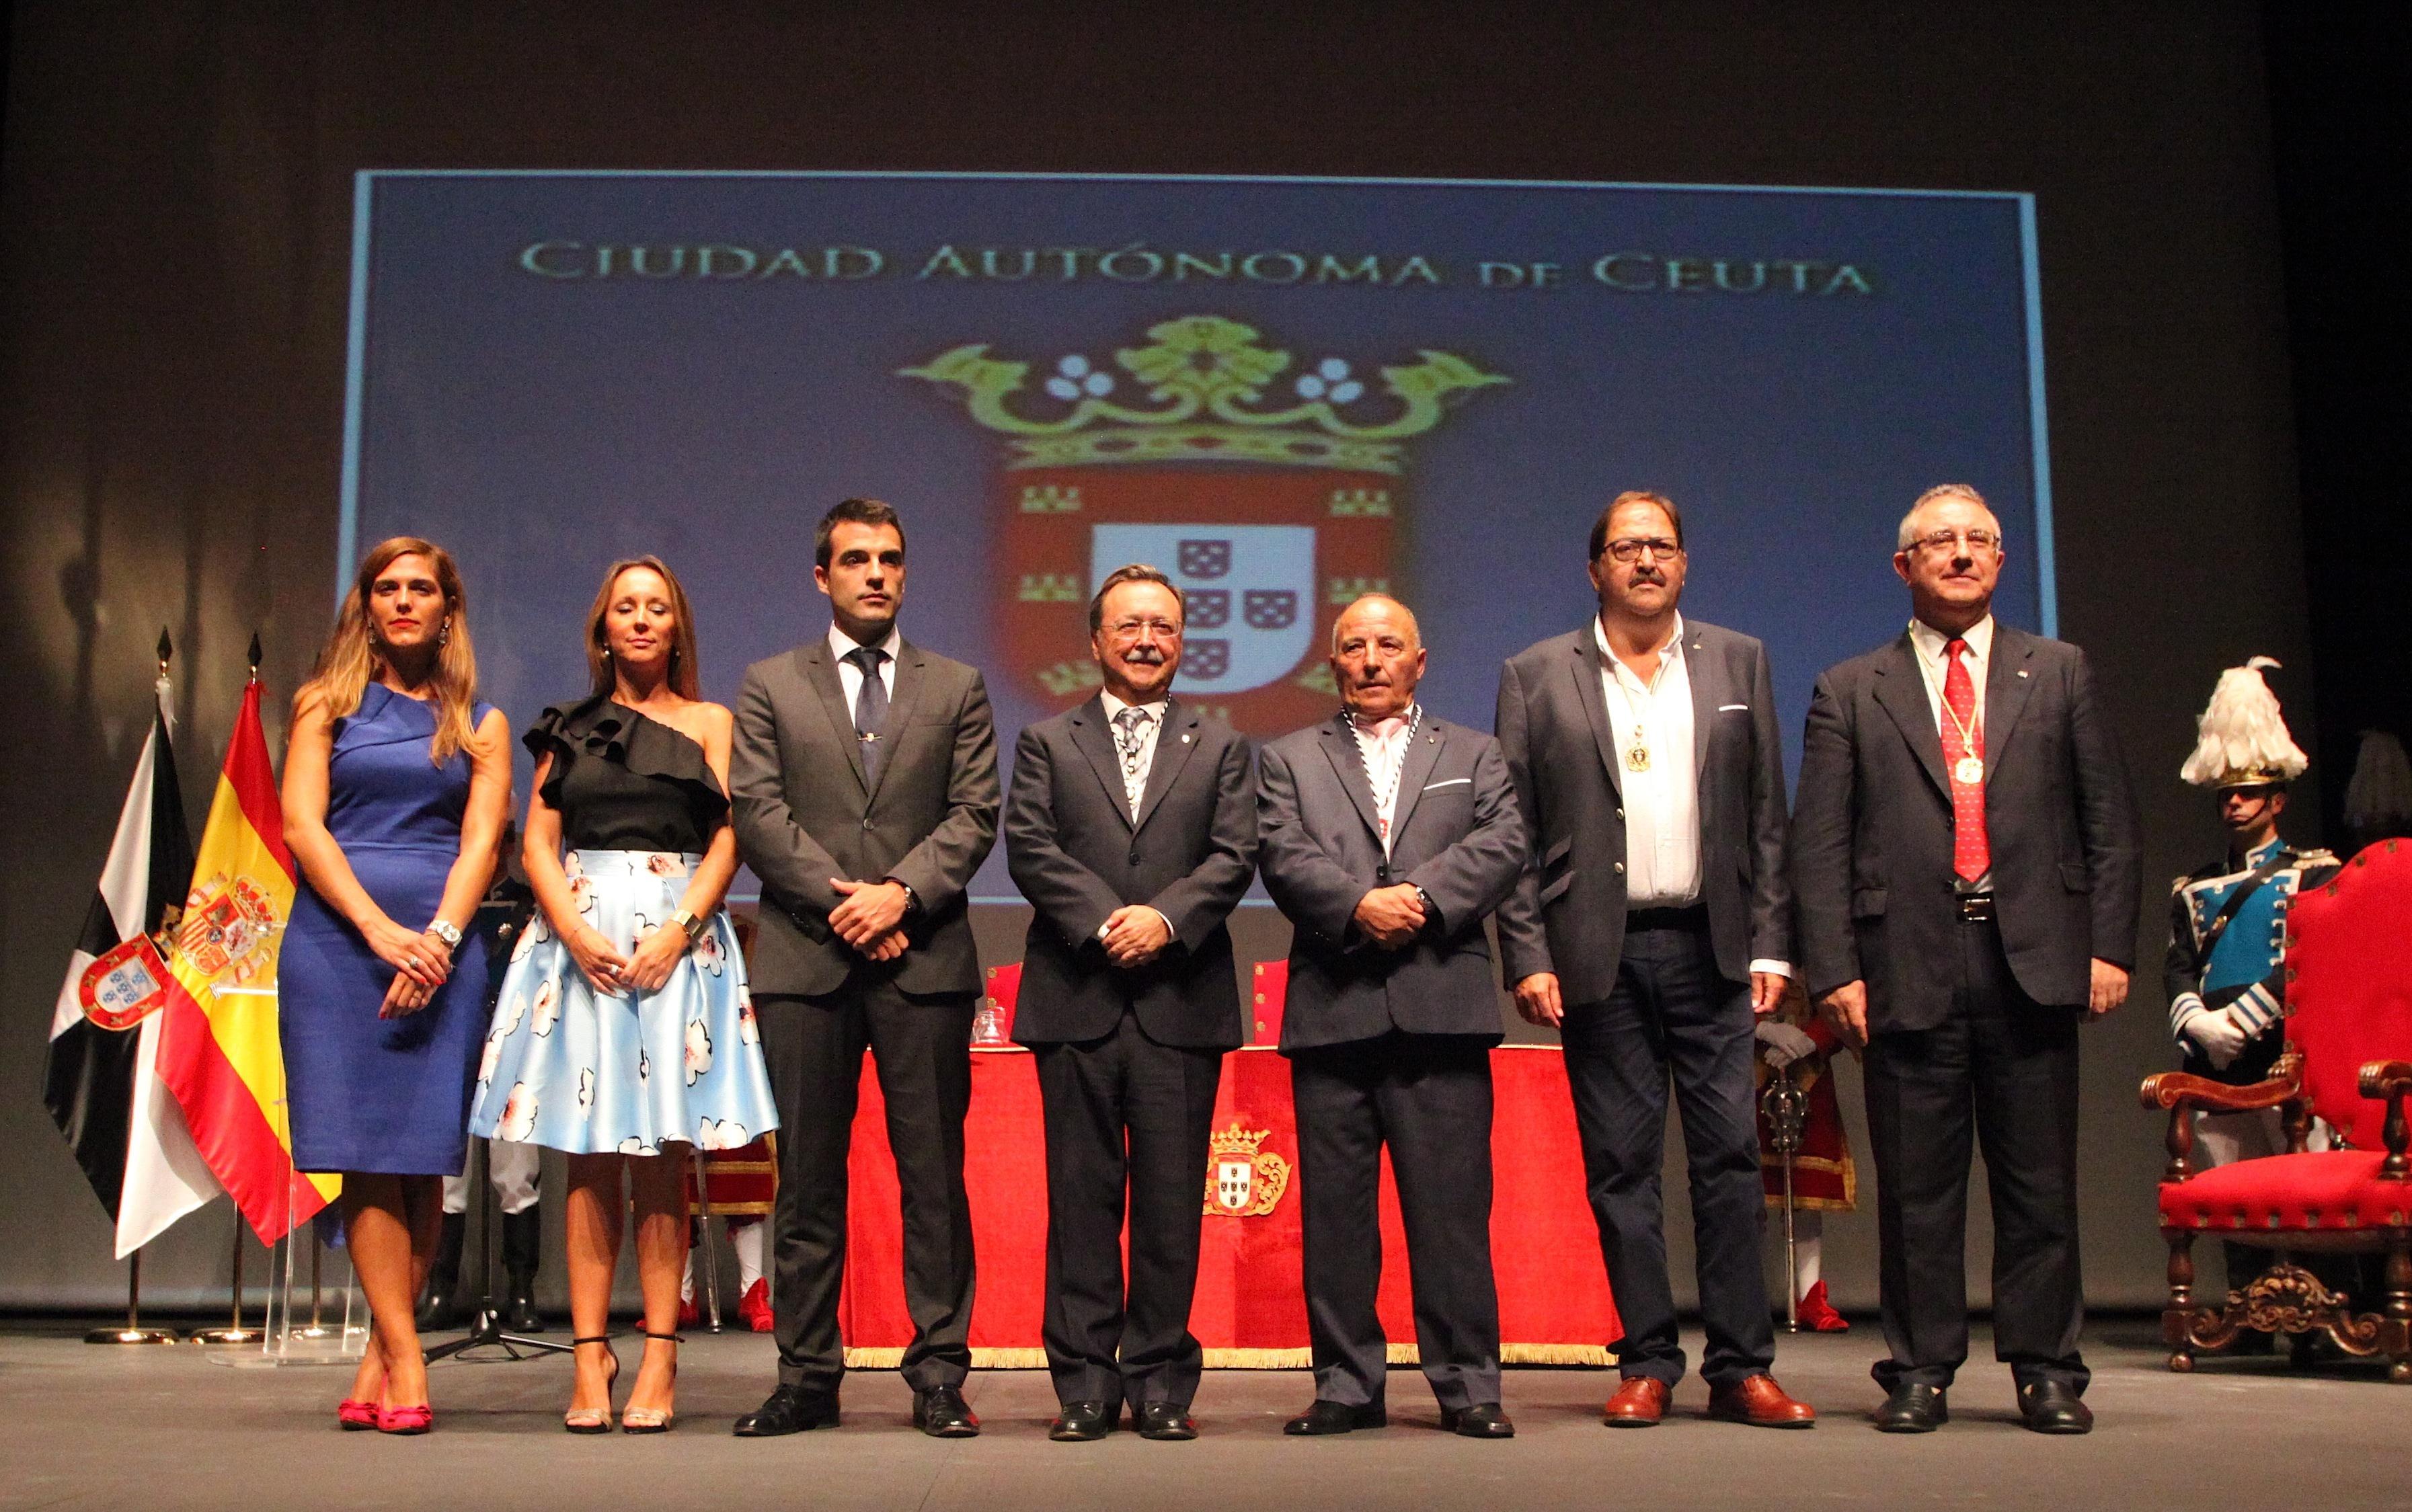 Entrega de la Medalla de la Autonomía al CSA Ceuta por su Centenario